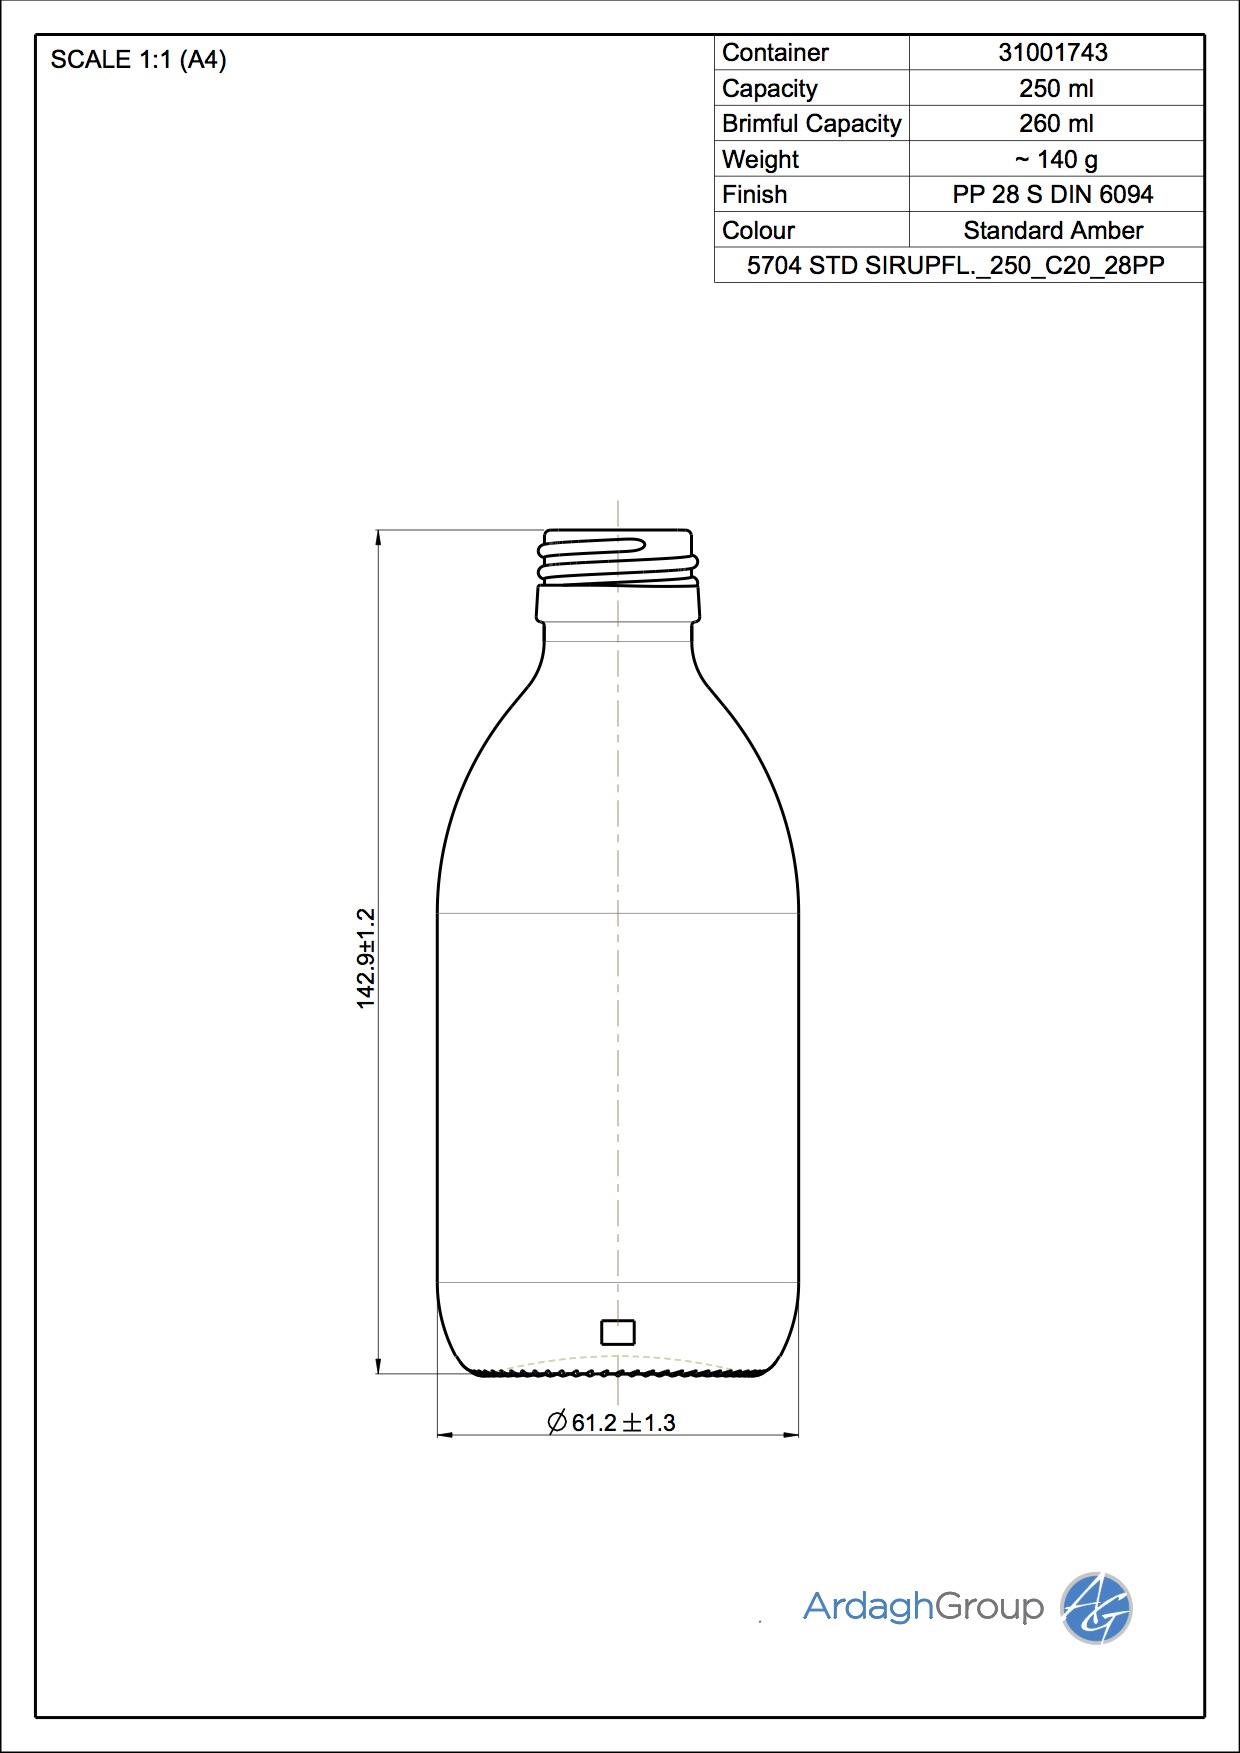 5704 Sirupflasche 250 C20